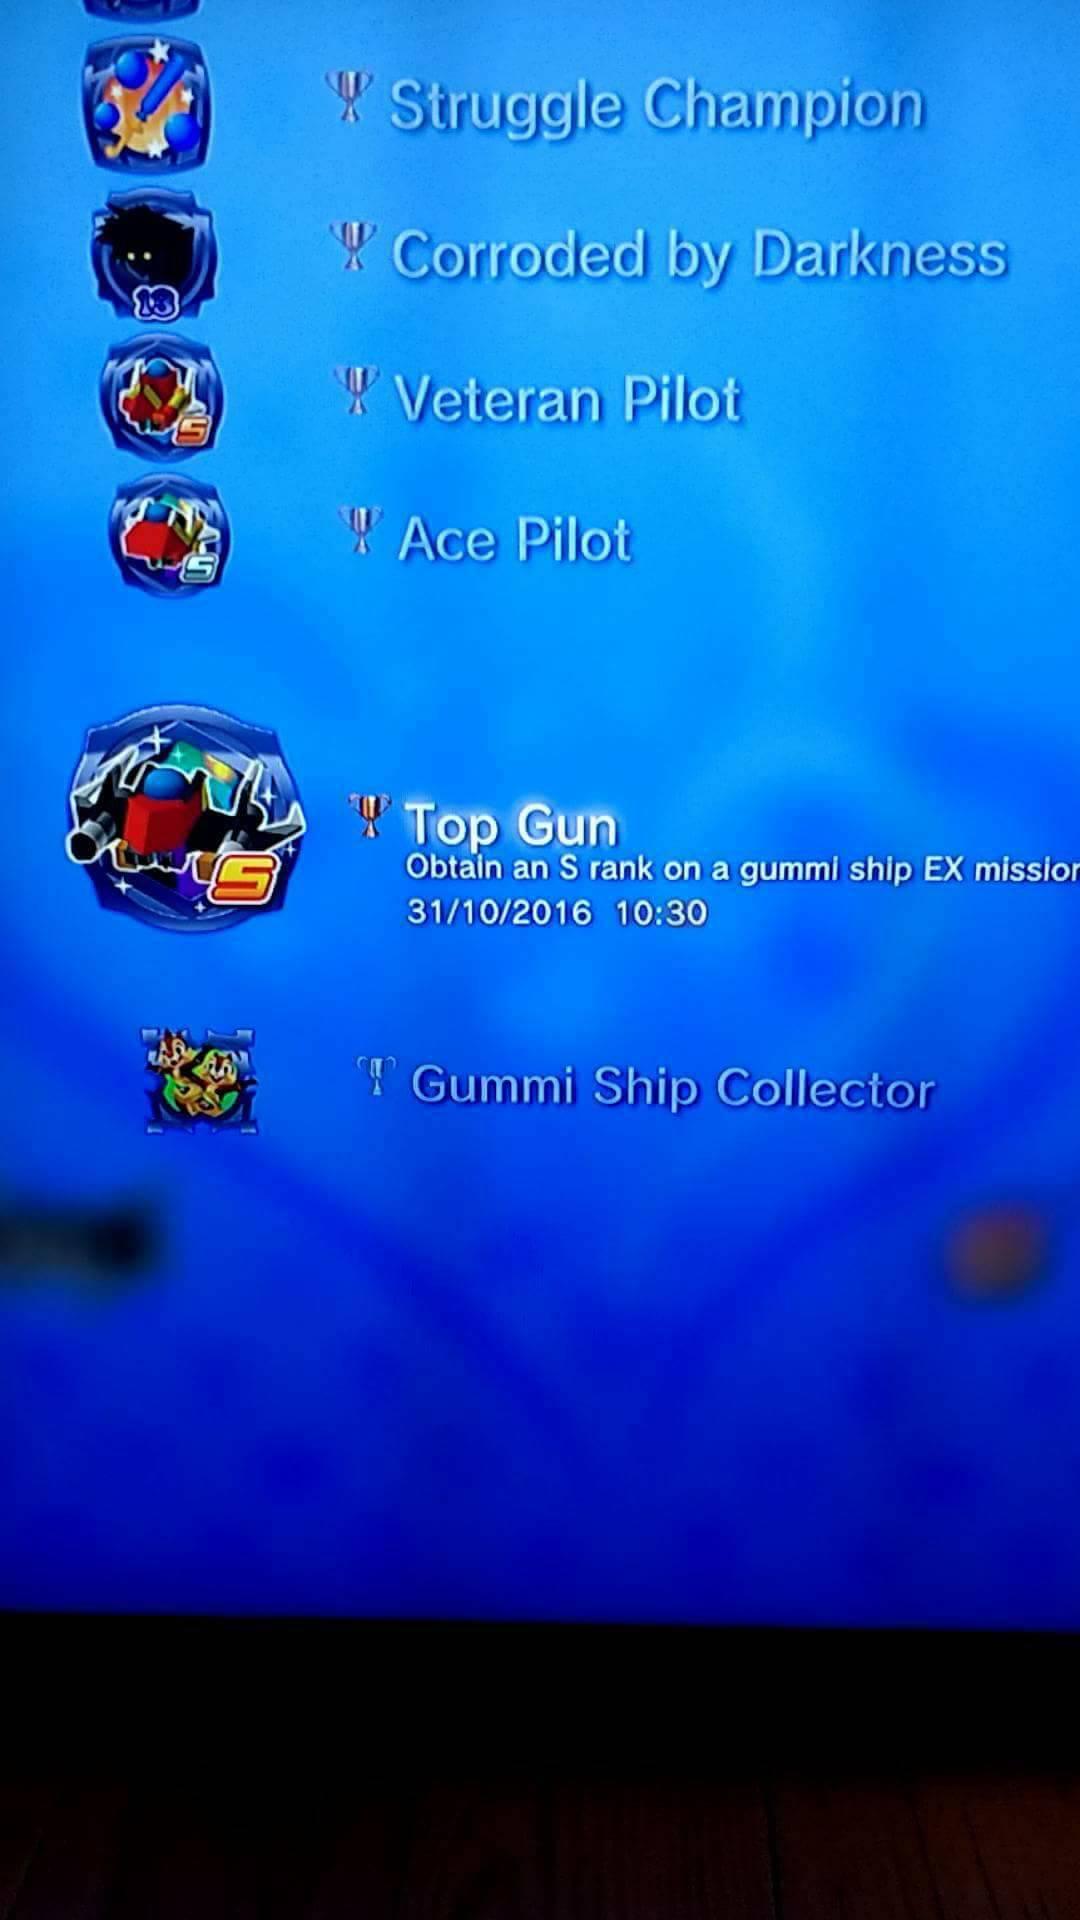 Top_Gun.jpg